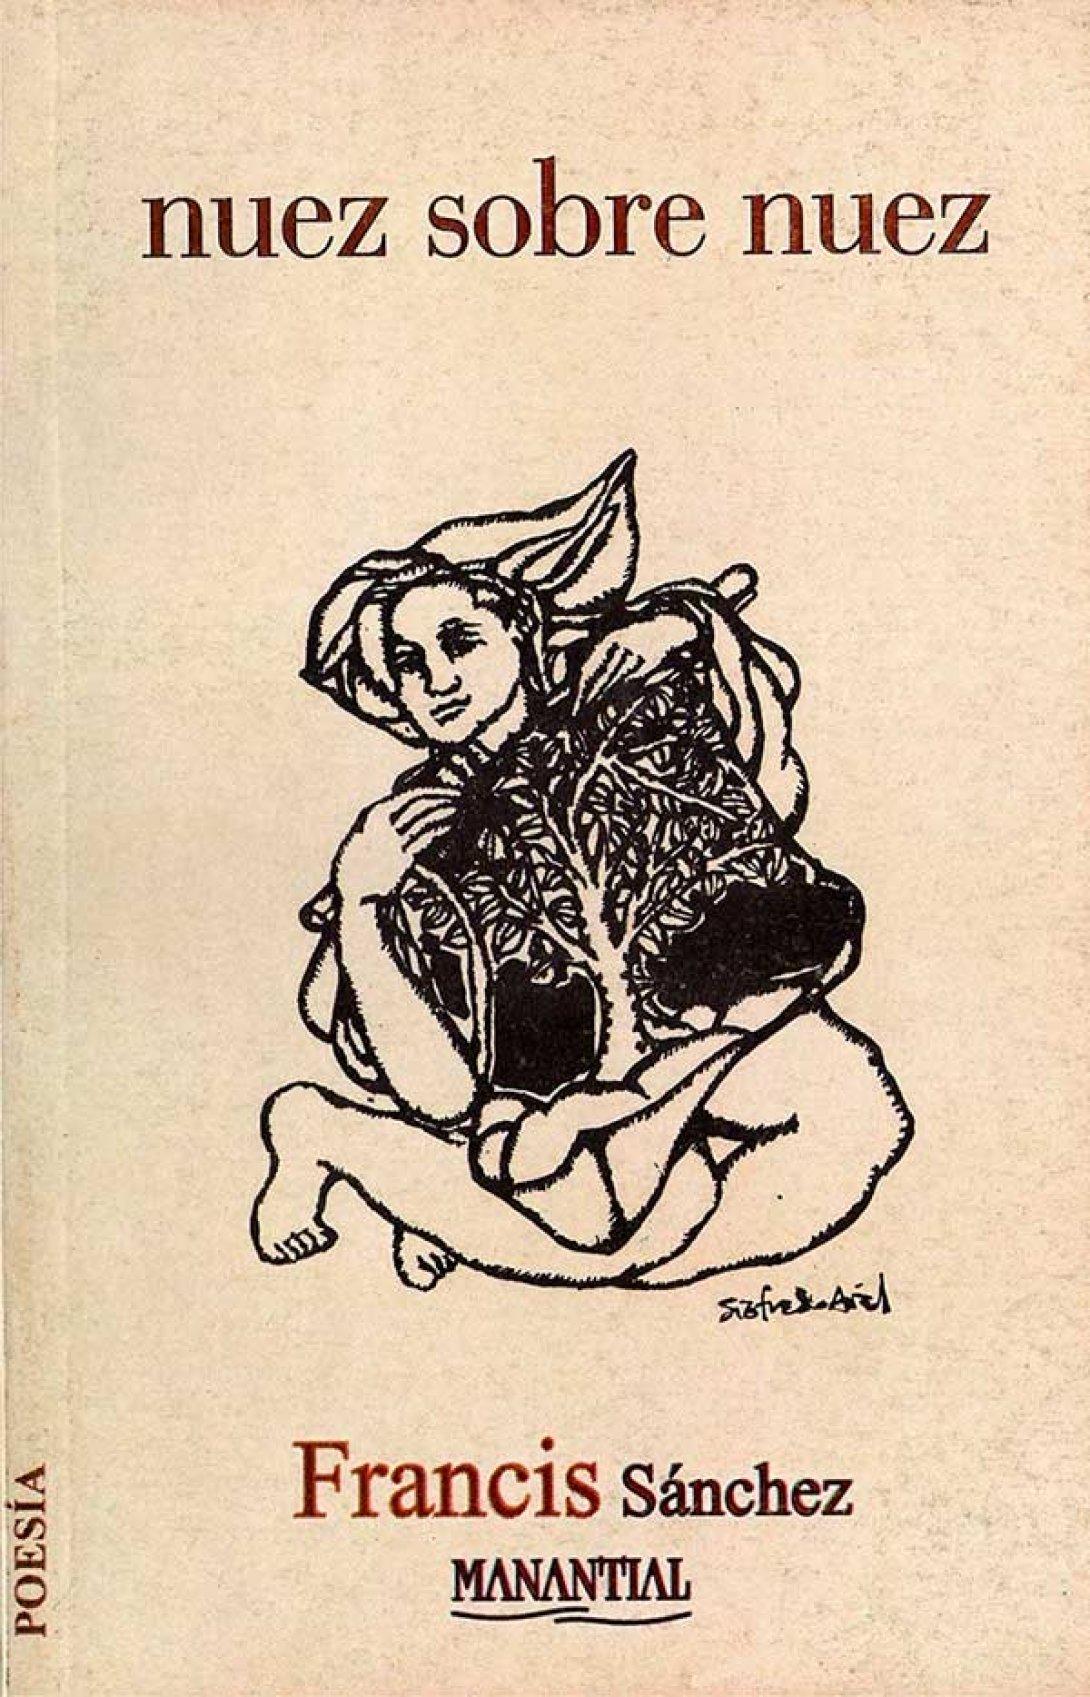 Portada del libro nuez sobre nuez de Francis Sánchez